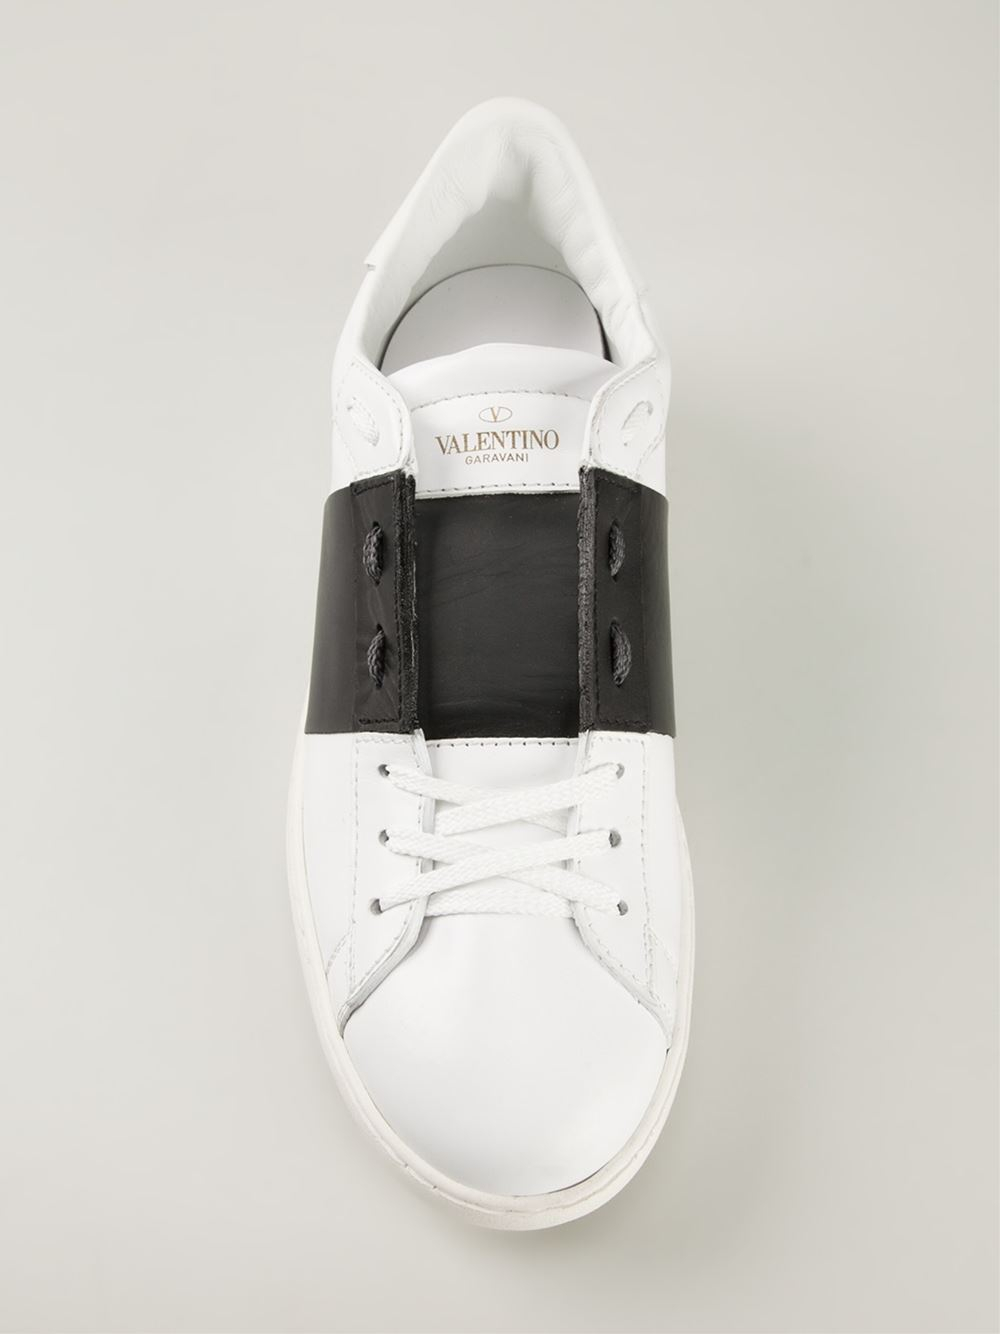 White and black Open sneaker Valentino e2qYde